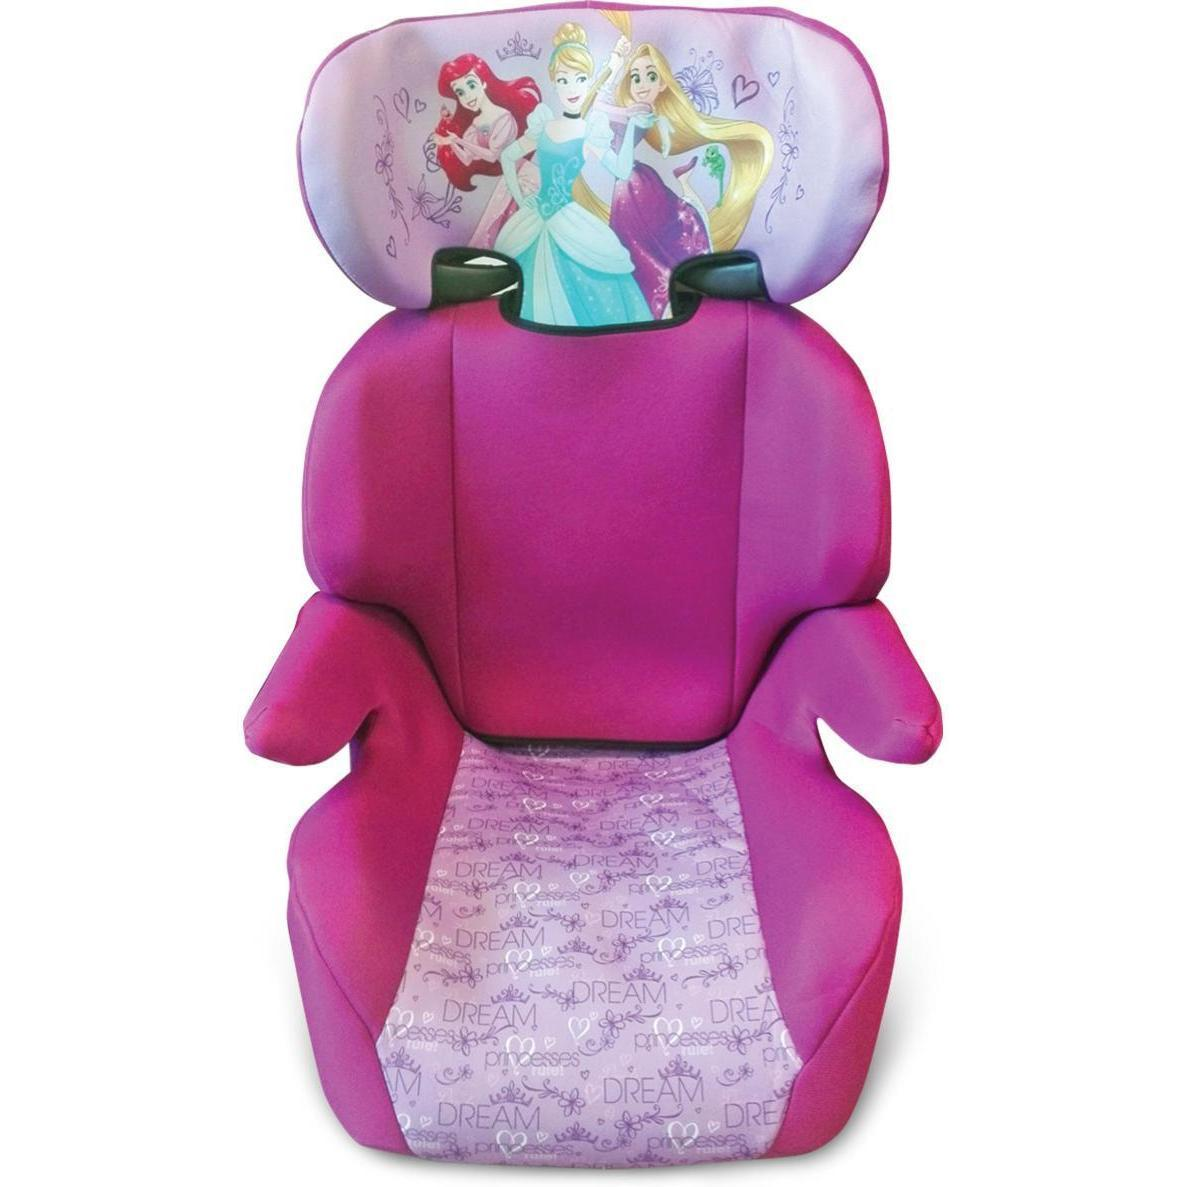 Scaun auto Princess 15 - 36 kg Disney Eurasia 25812